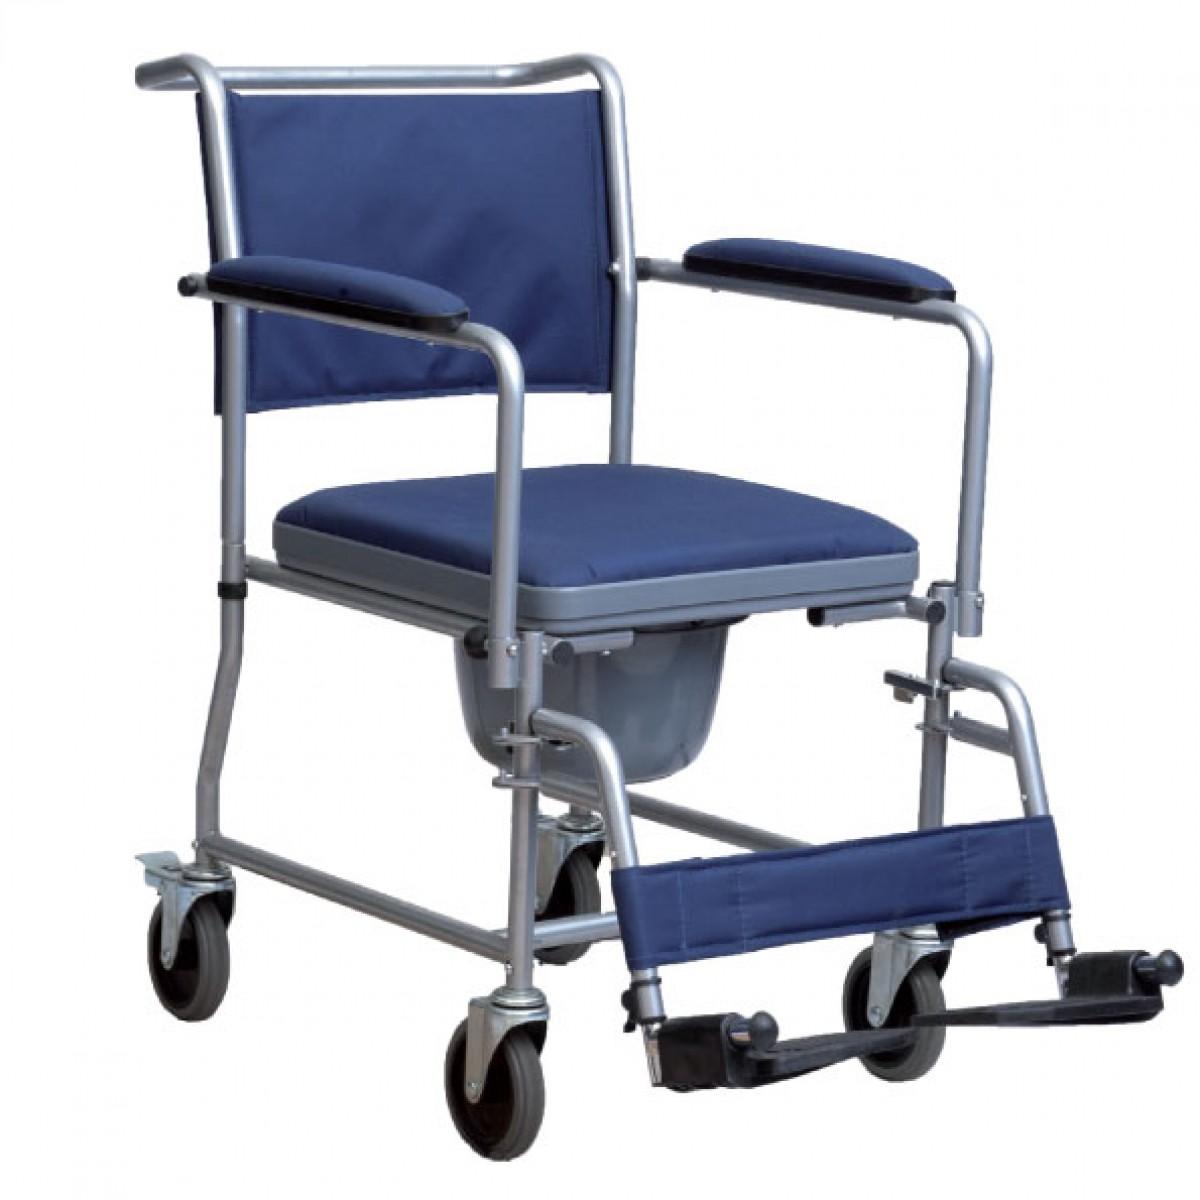 sedia comoda sedie comode carrozzine e comode